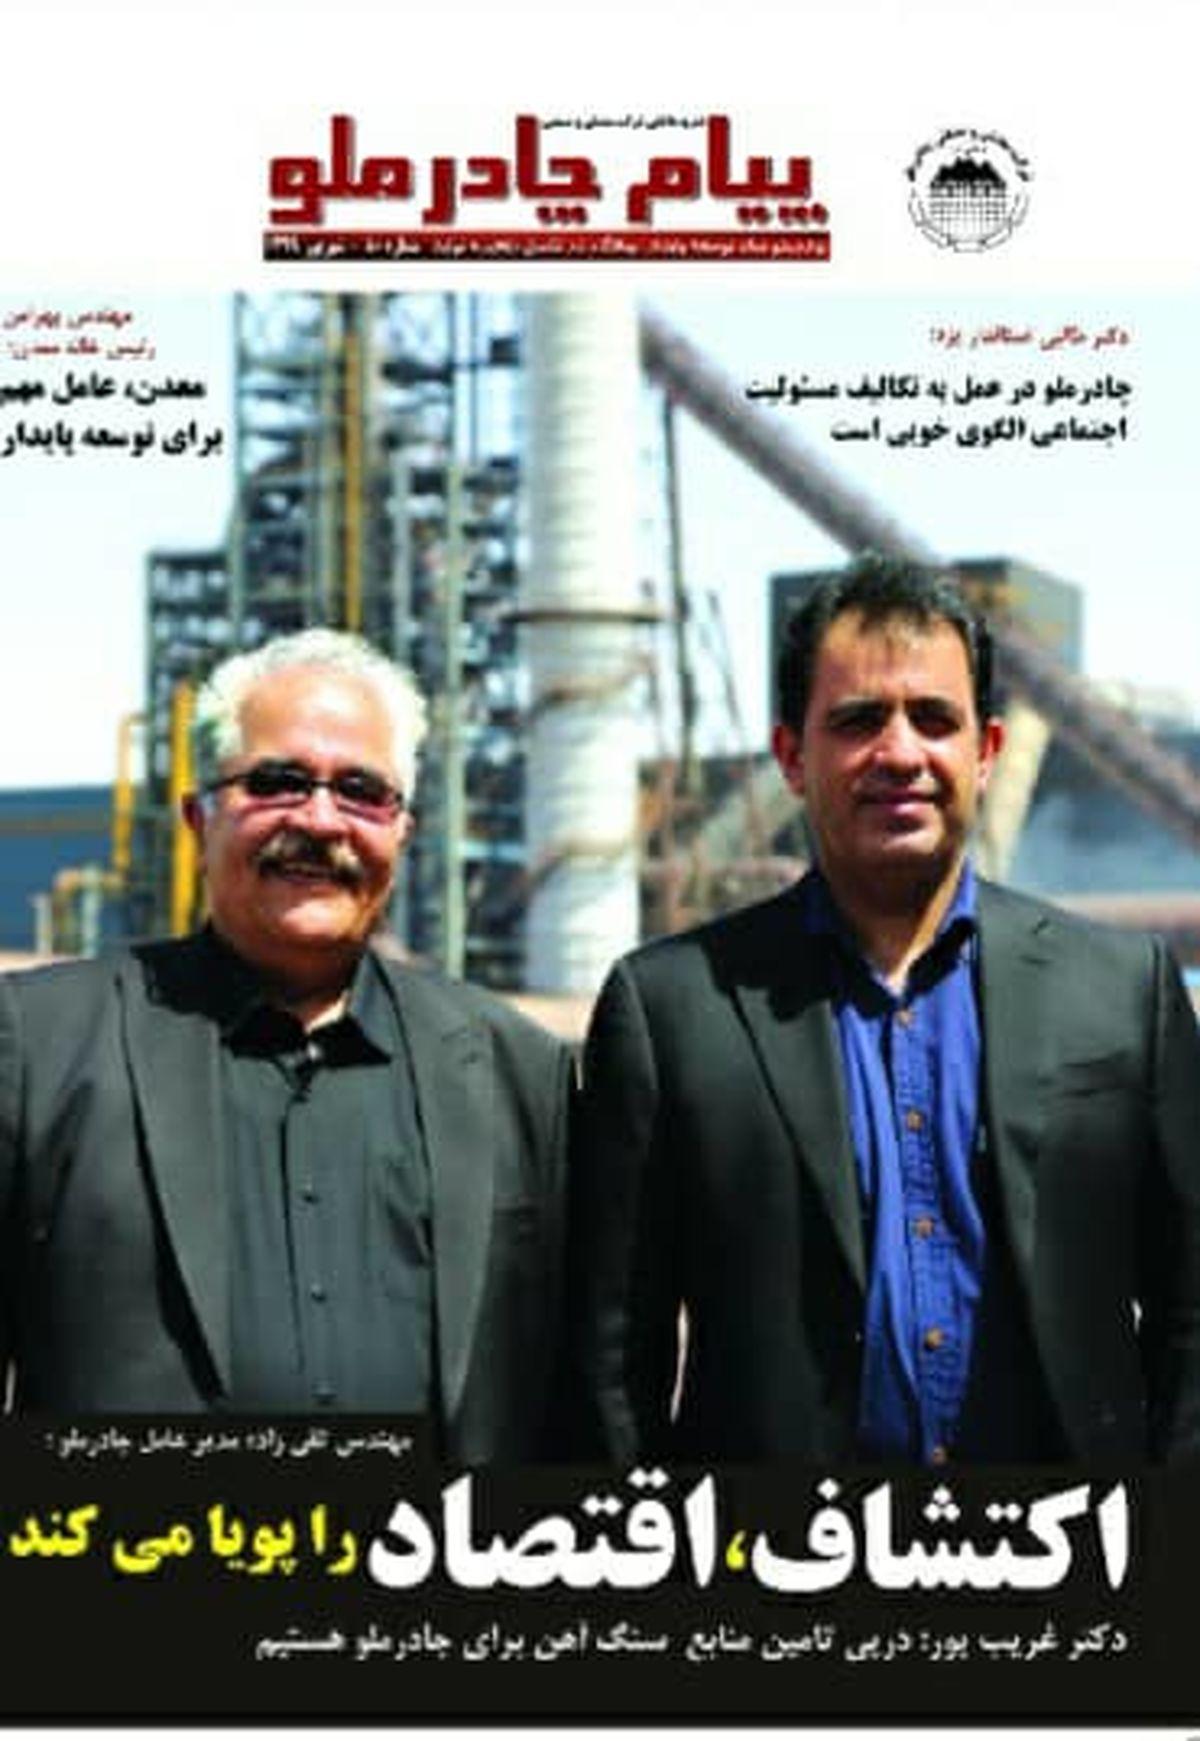 انتشار هشتادمین شماره نشریه چادرملو به سردبیری حسین طالبی